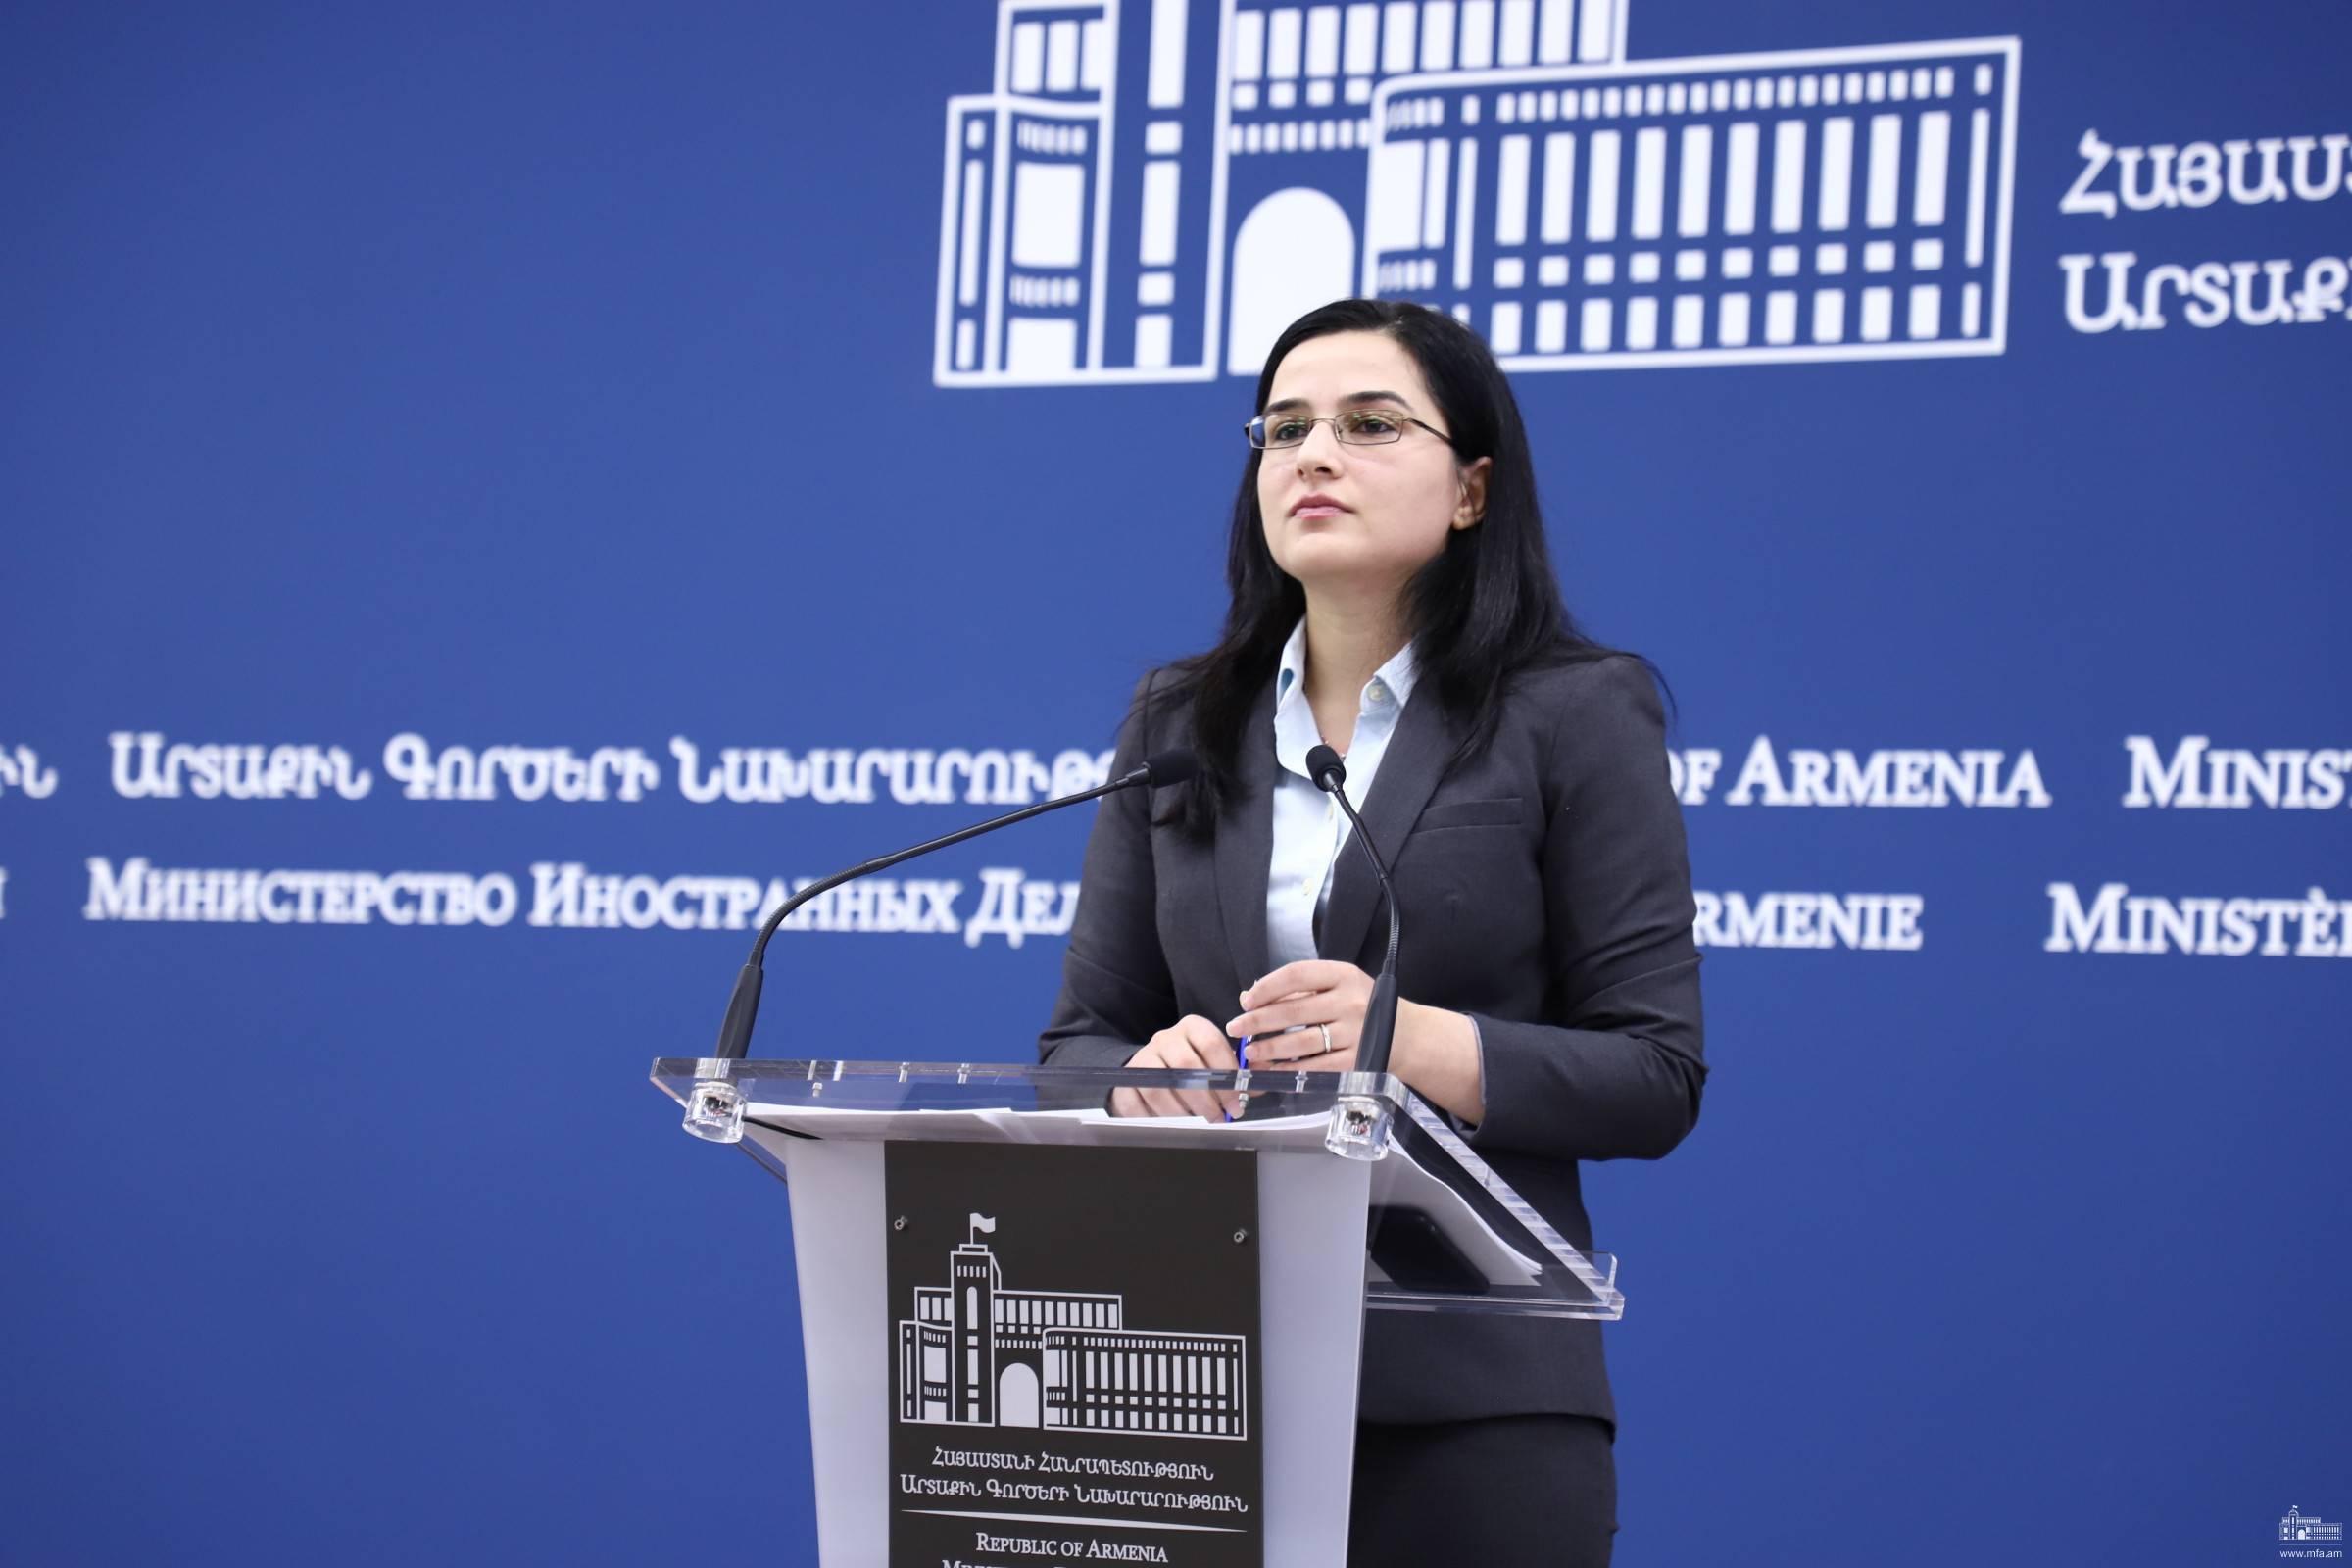 ԱԳՆ մամուլի խոսնակի անդրադարձը ՌԴ ԱԳ նախարարի՝ «Վալդայ» համաժողովին հնչեցված մեկնաբանություններին